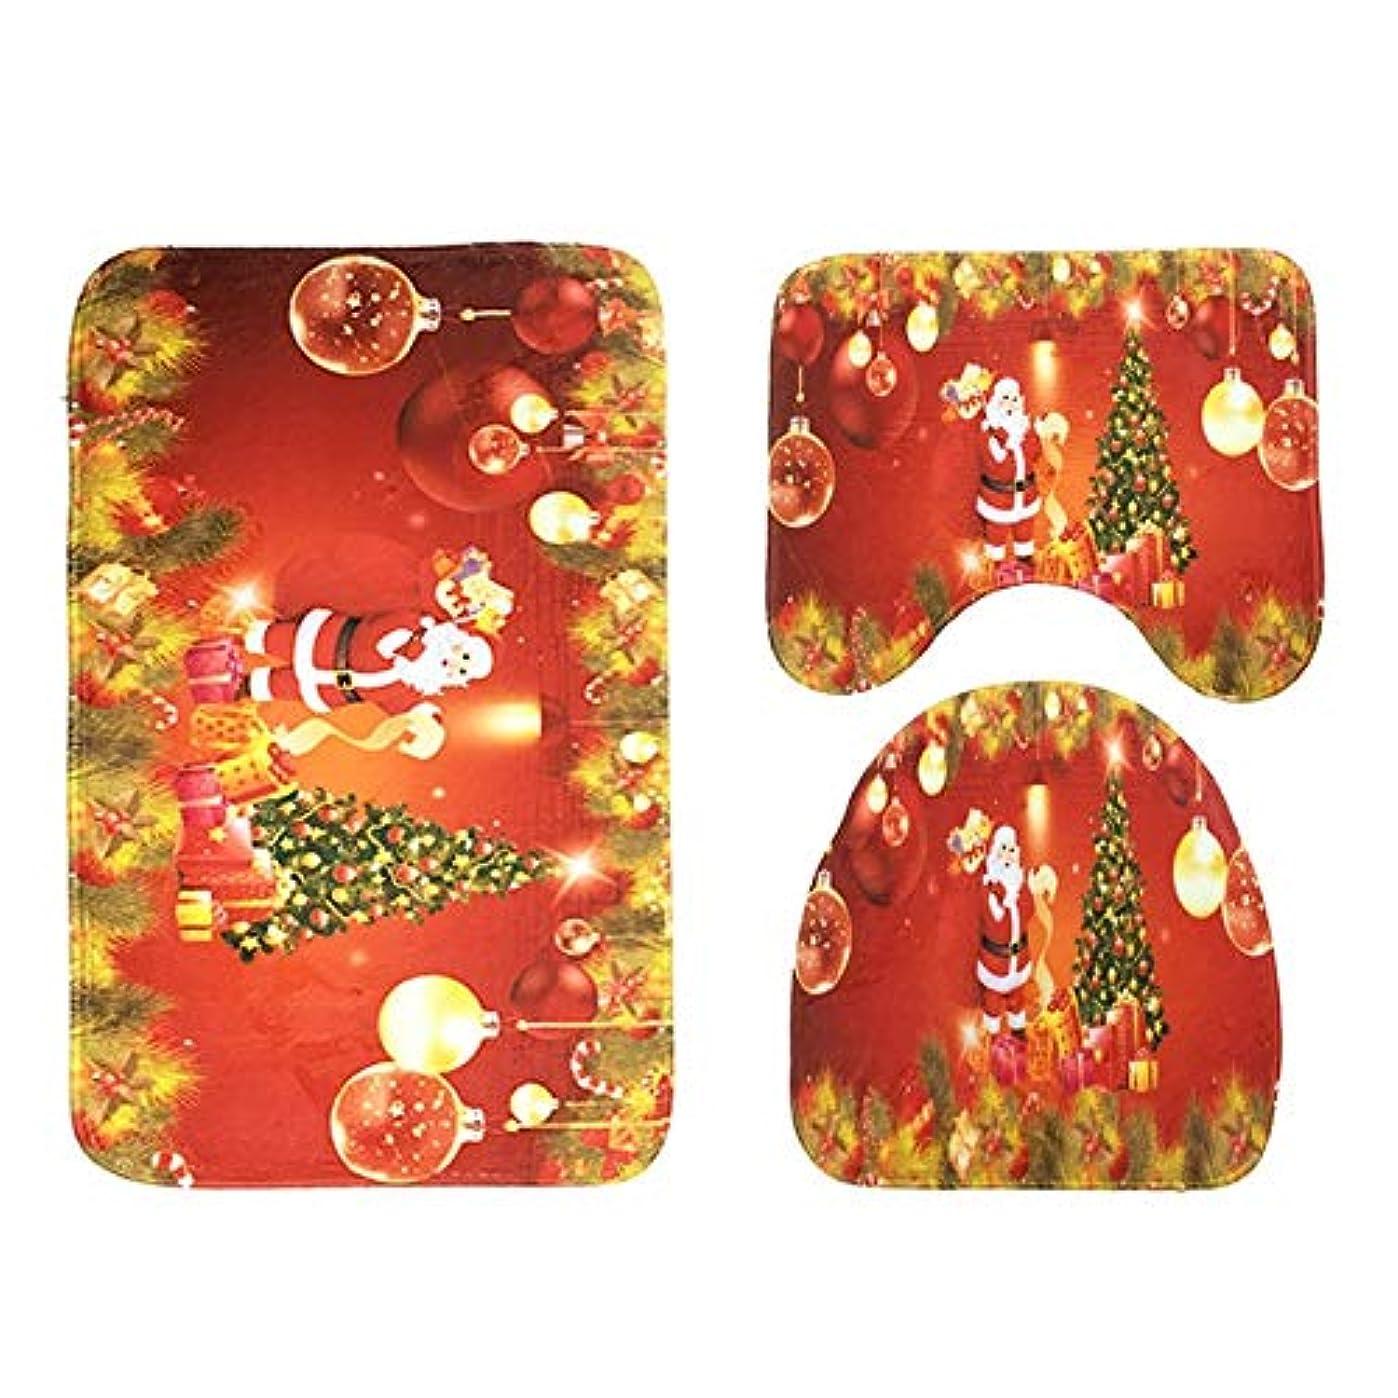 ブルゴーニュ手入れ細菌3PCS / SETモダンデザインバスルームバスマットセットトイレラグフランネル滑り止めバスルームカーペットホームトイレフタカバーフロアマット-マルチカラー混合老人クリスマスツリー